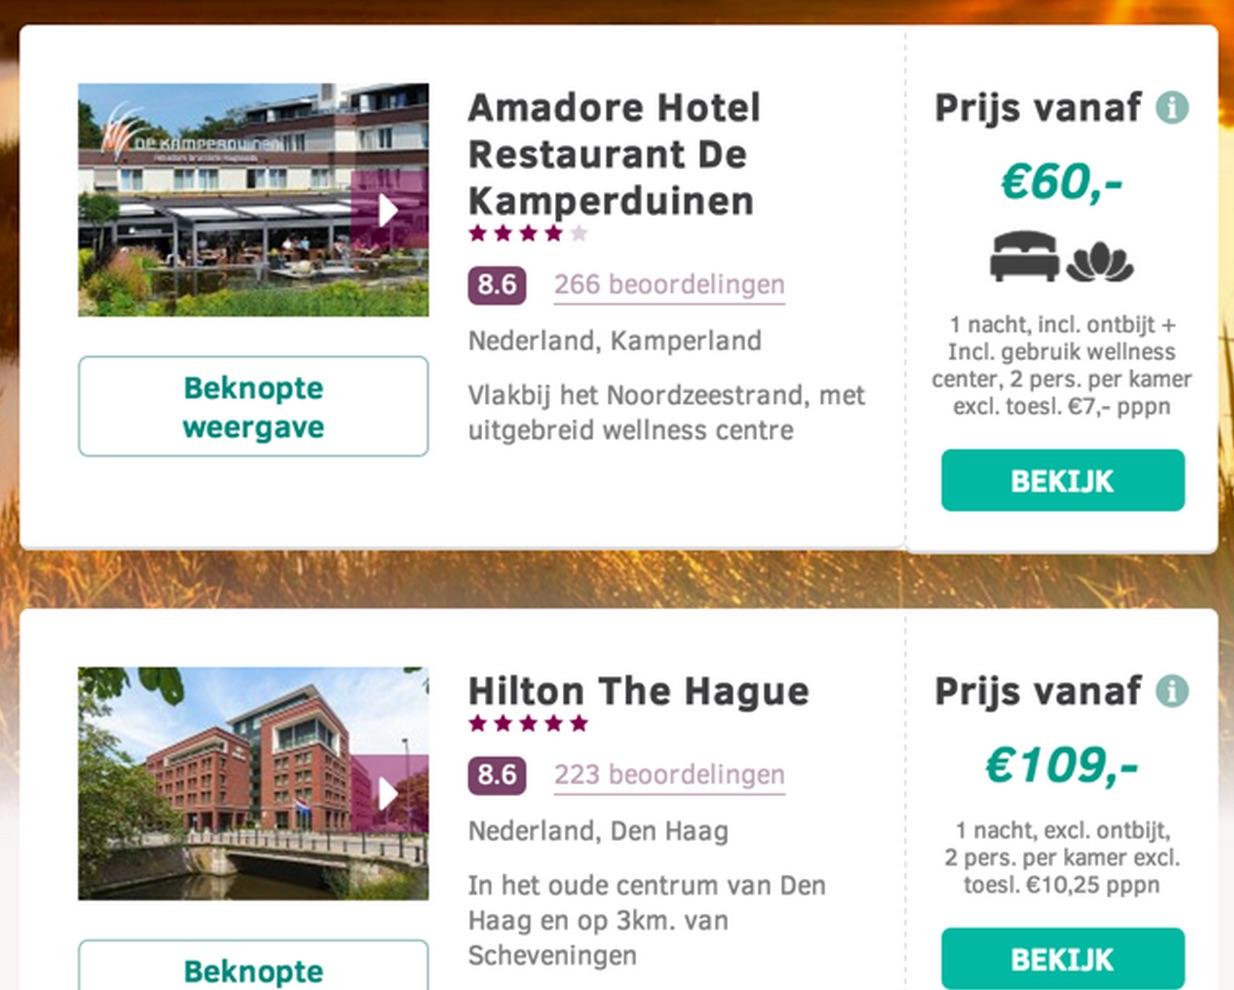 Wanneer je klikt op een afbeelding van het hotel, dan gebeurt er niets. Je krijgt niet meer informatie te zien.